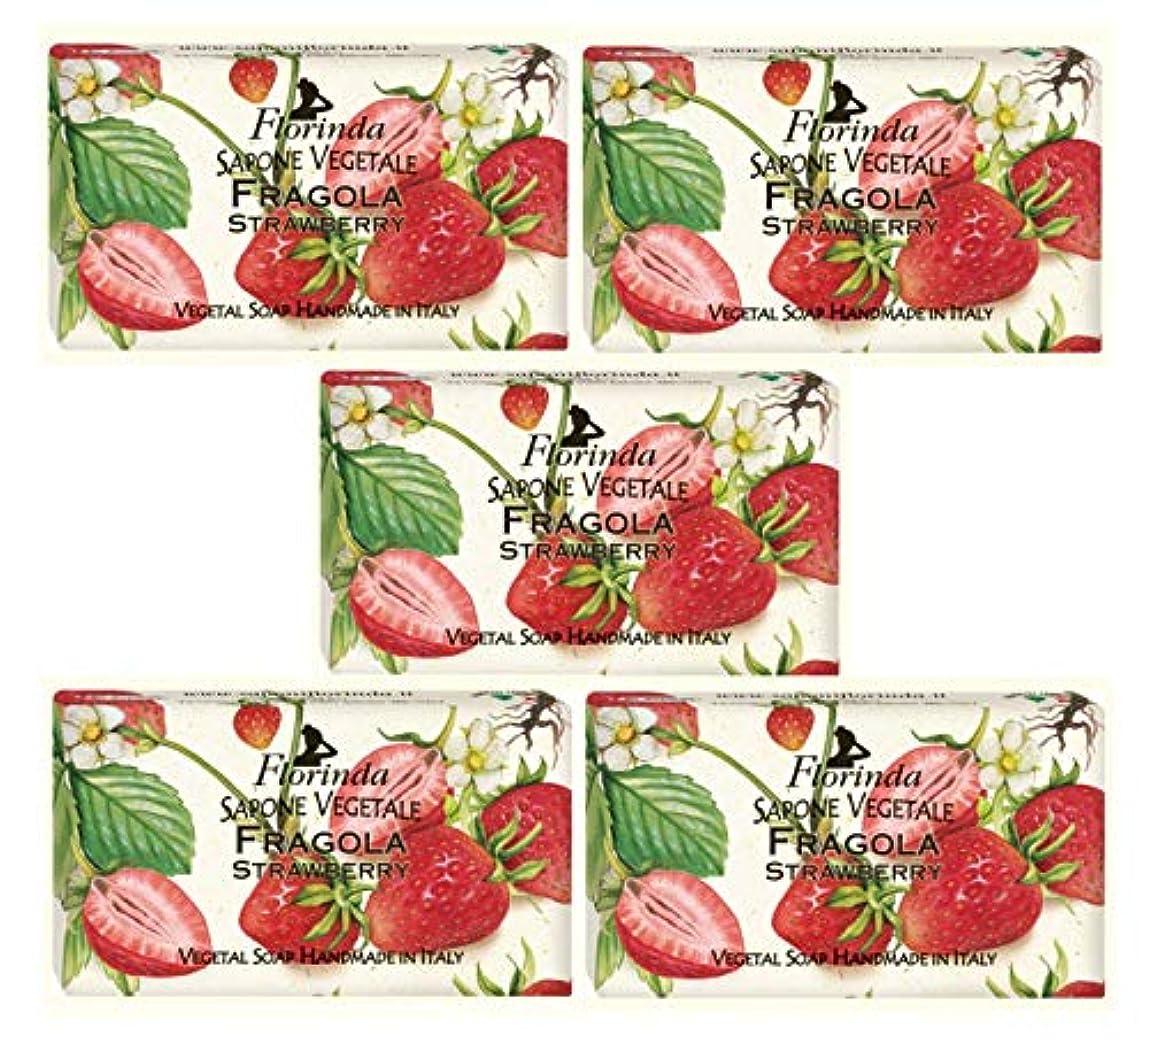 プレミア結果として調和フロリンダ フレグランスソープ 固形石けん フルーツの香り ストロベリー 95g×5個セット